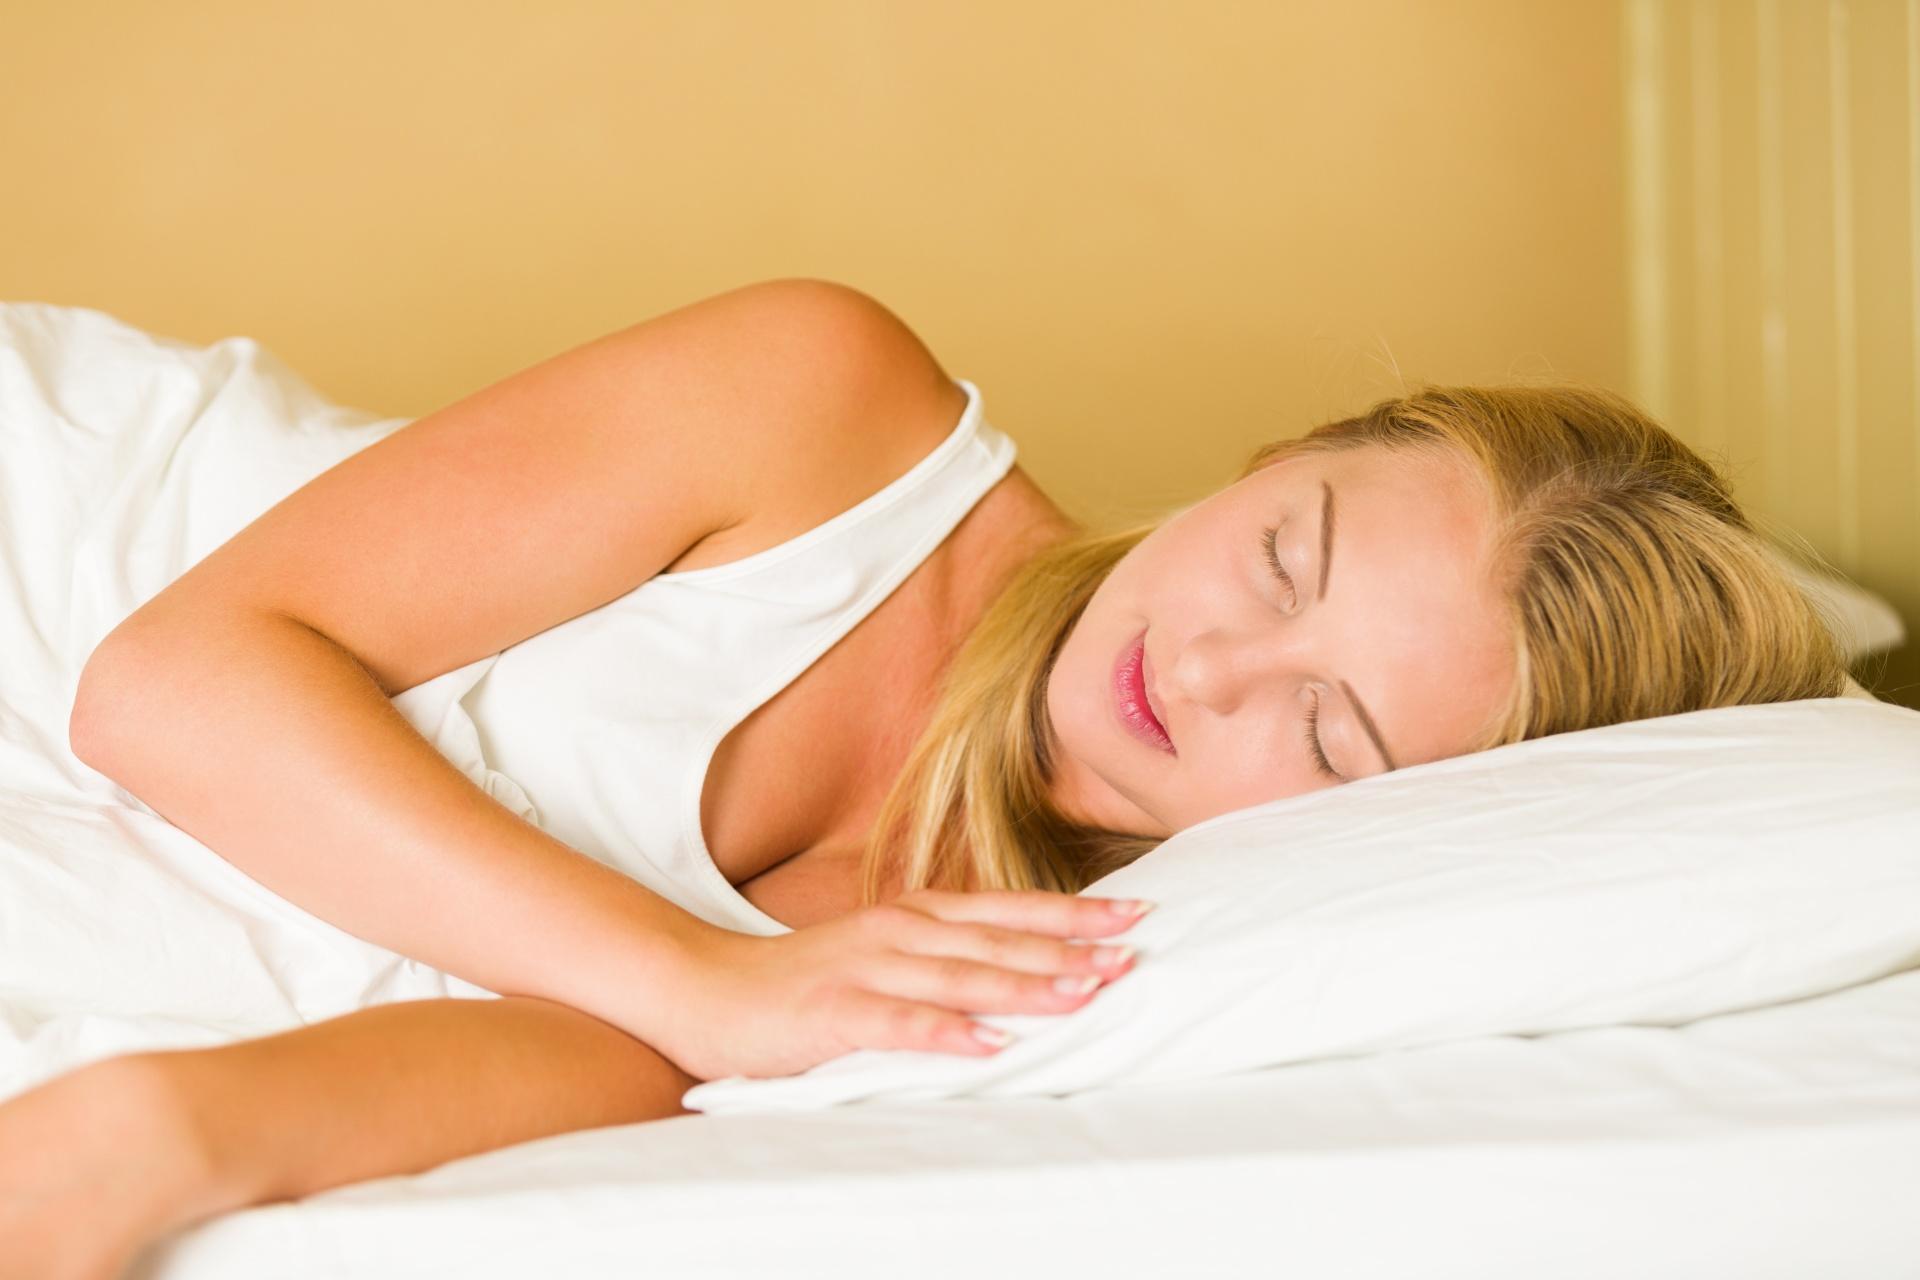 Máte krizi při hubnutí? Pomůže vám jít spát...Máte krizi při hubnutí? Pomůže vám jít spát...